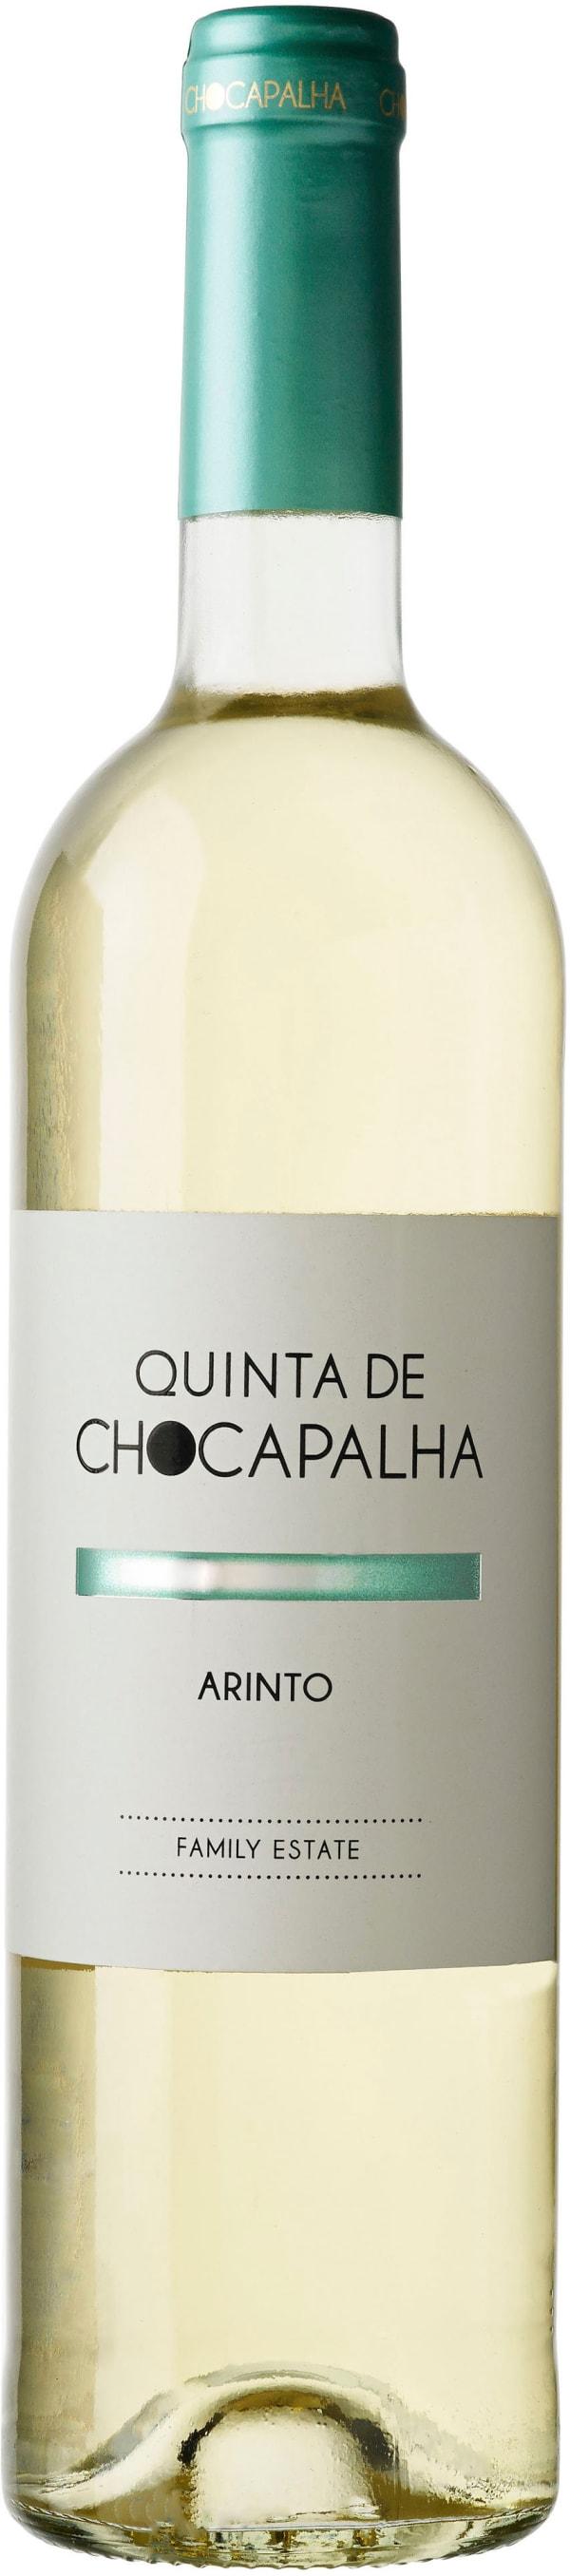 Quinta de Chocapalha Arinto 2016